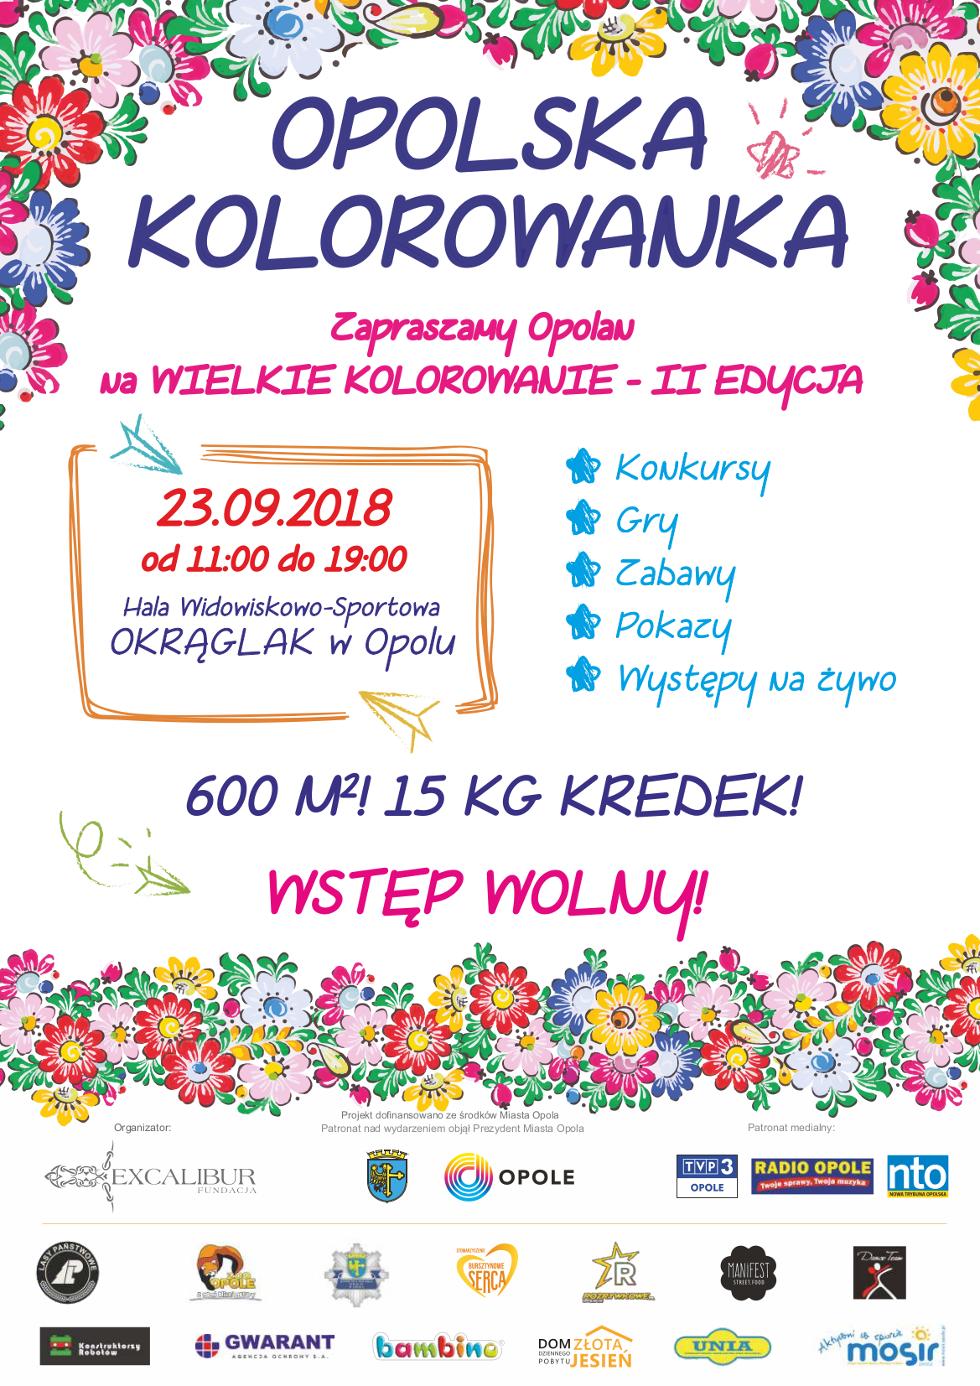 opolska-kolorowanka